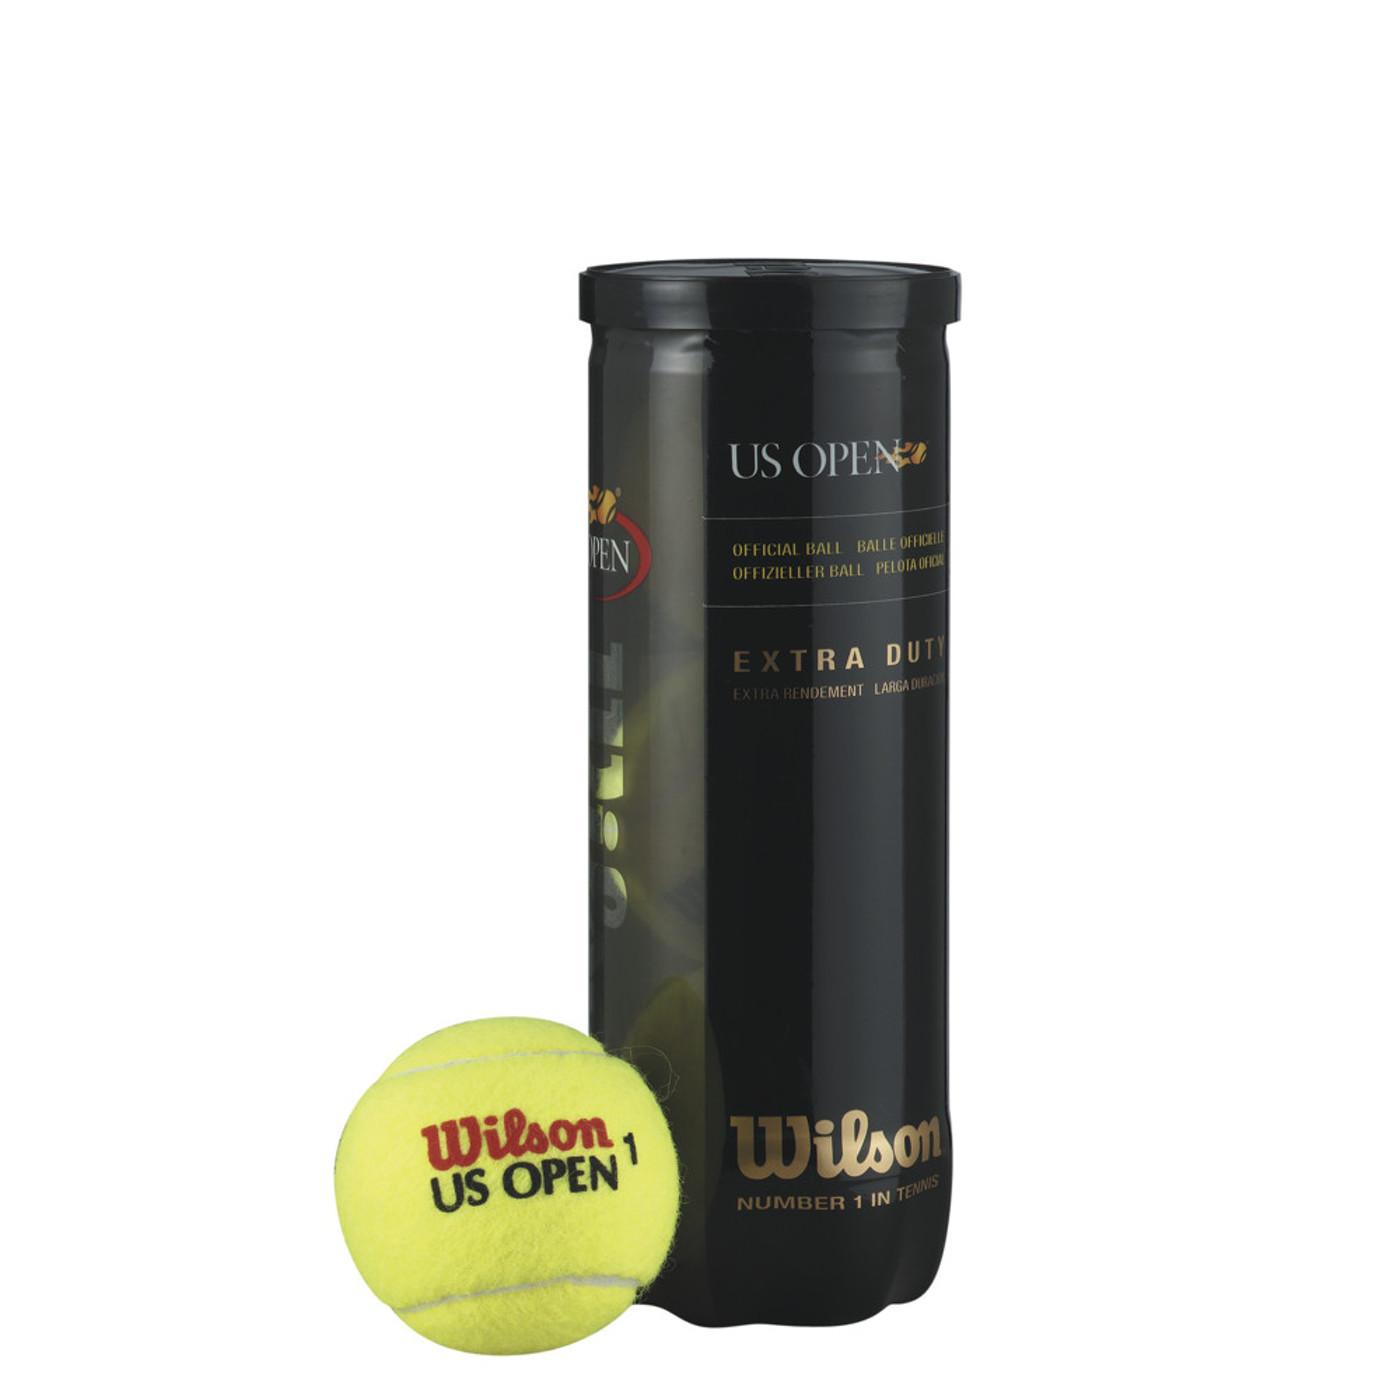 WILSON Tennisball US OPEN 3er